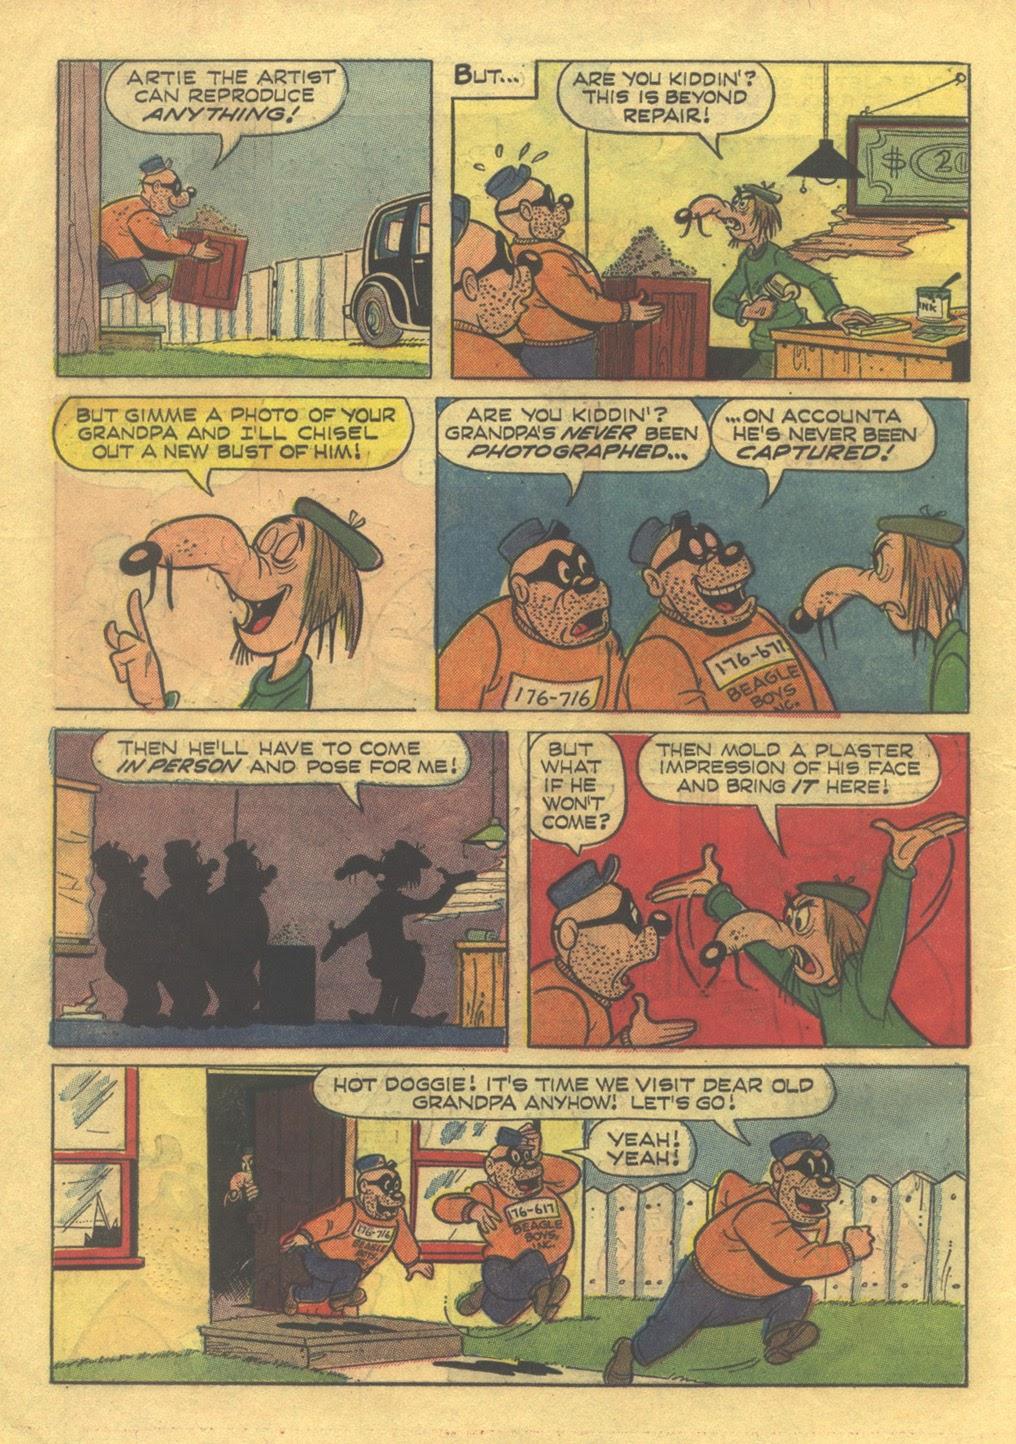 Walt Disney THE BEAGLE BOYS issue 3 - Page 18